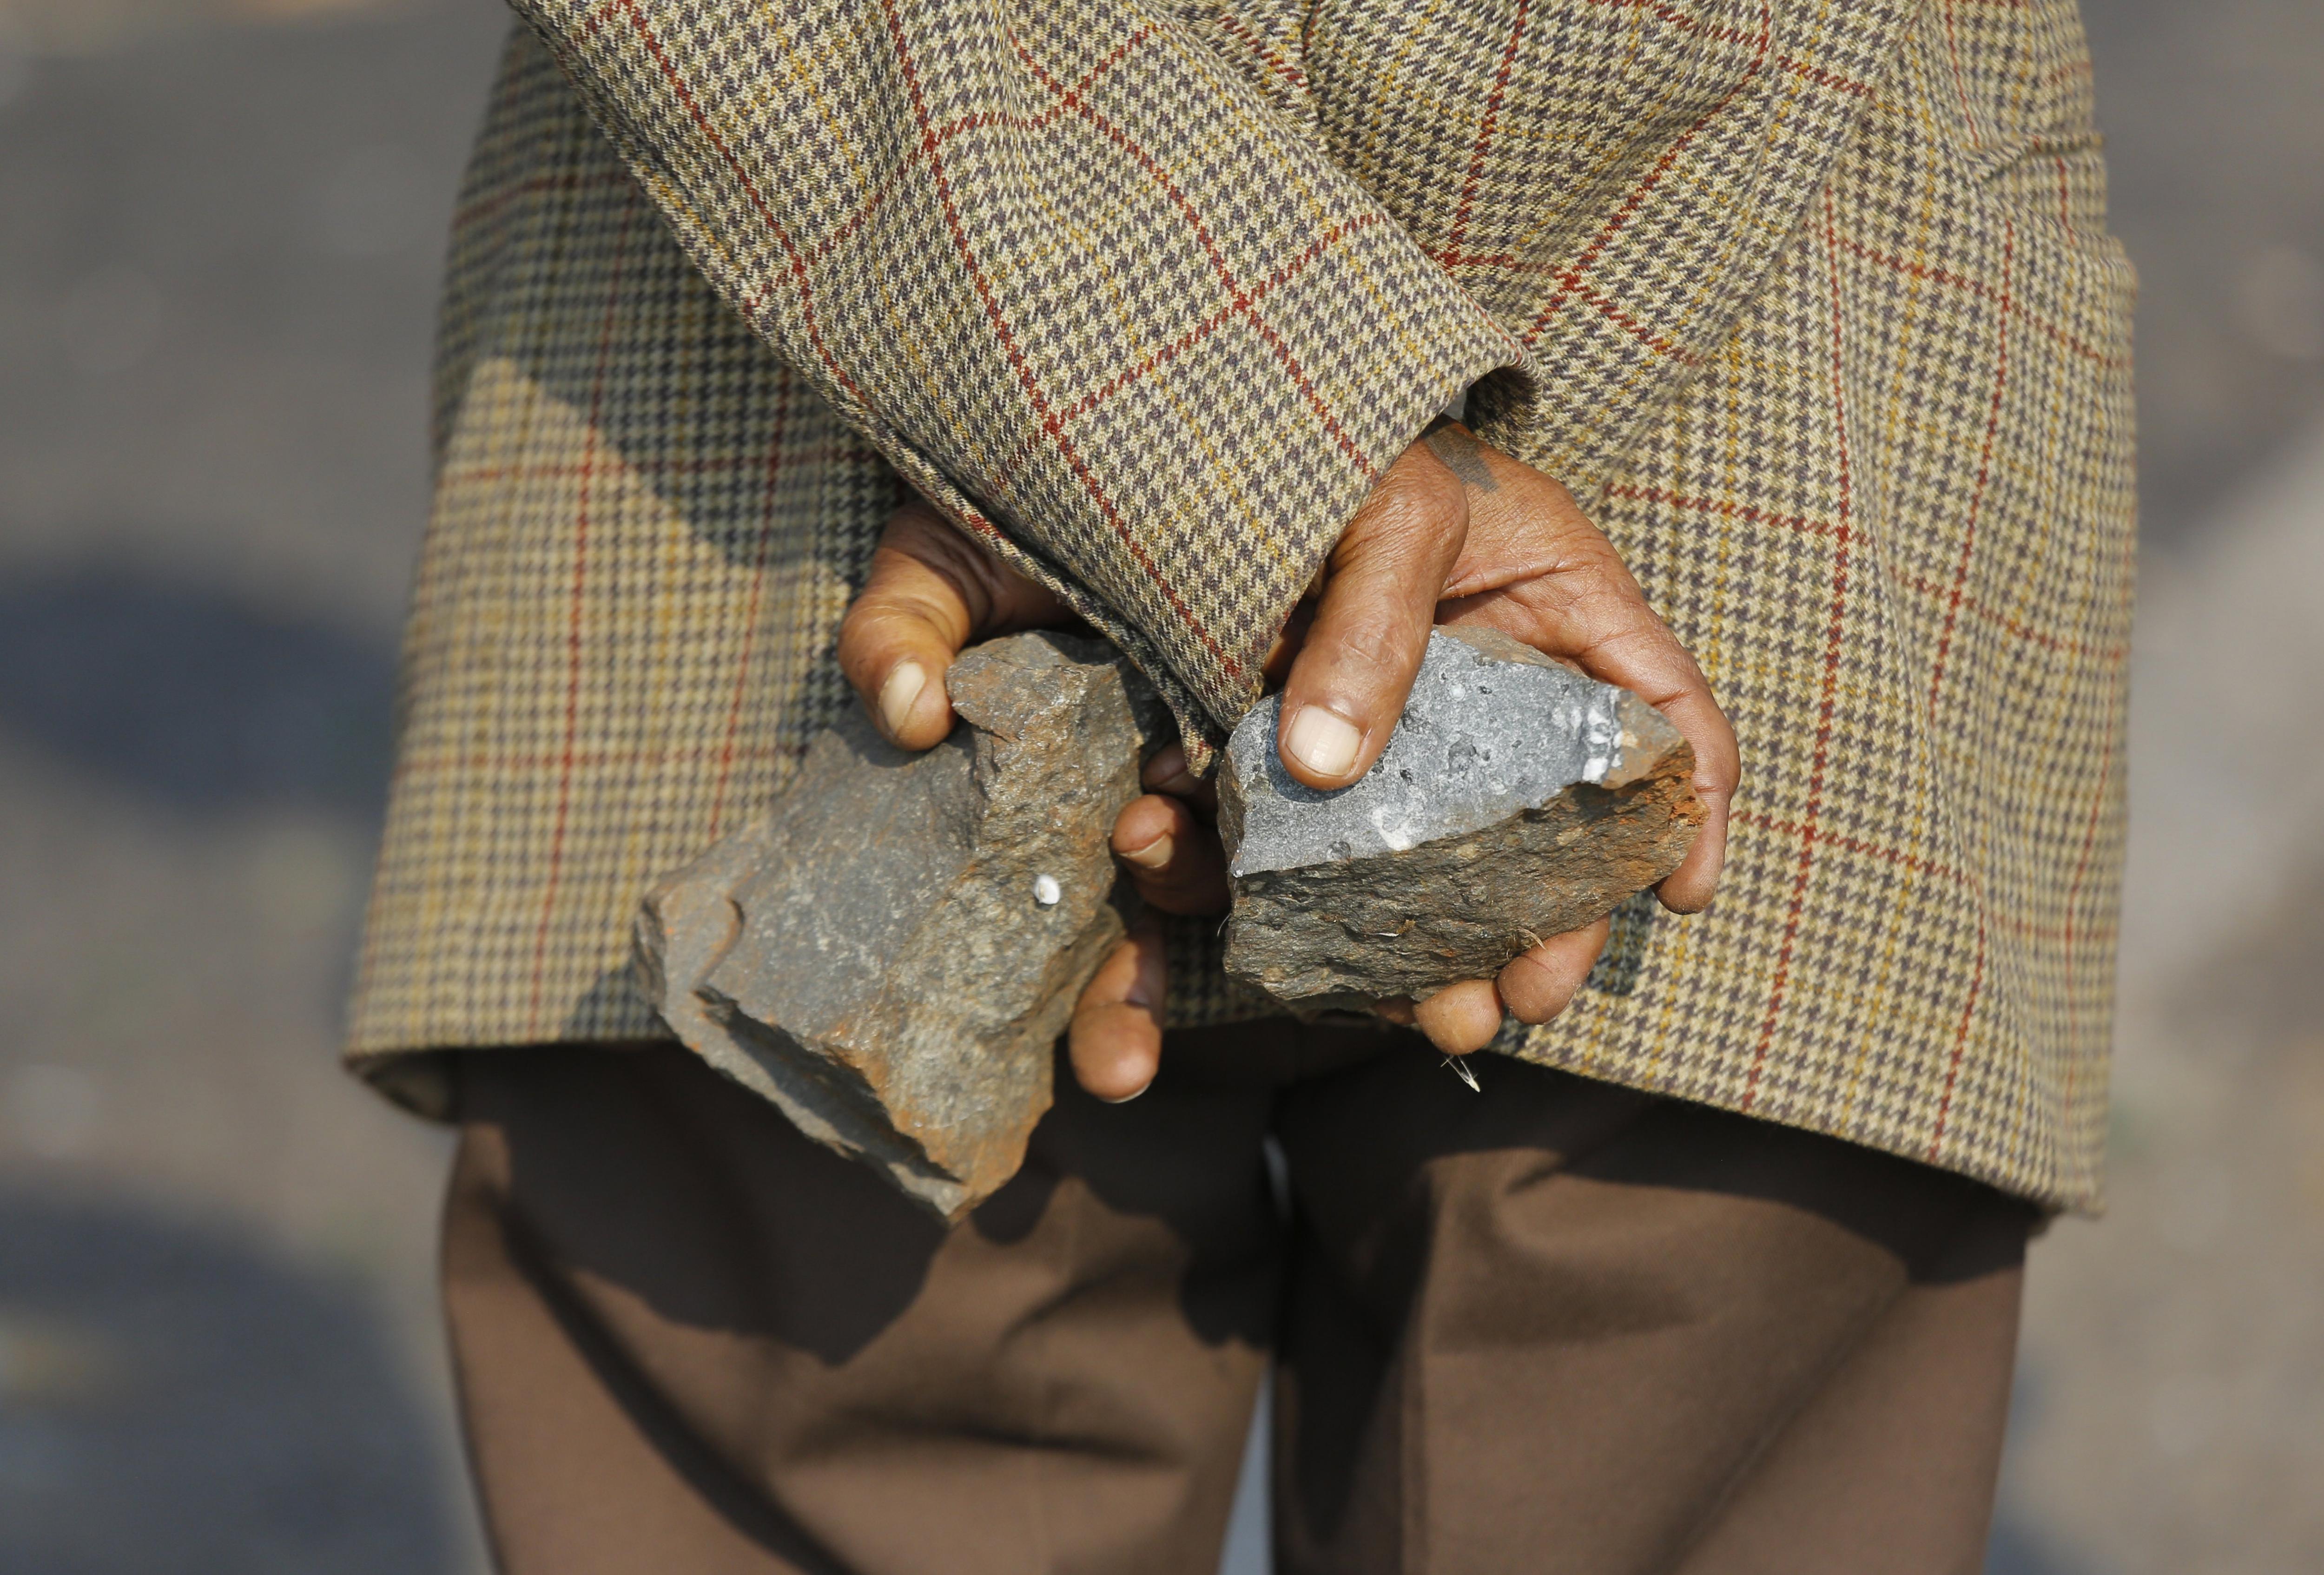 Un manifestant s'amaga unes pedres darrera de l'esquena durant una protesta per exigir habitatges dignes a Ennerdale, Johannesburg (Sud-àfrica). /KIM LUDBROOK